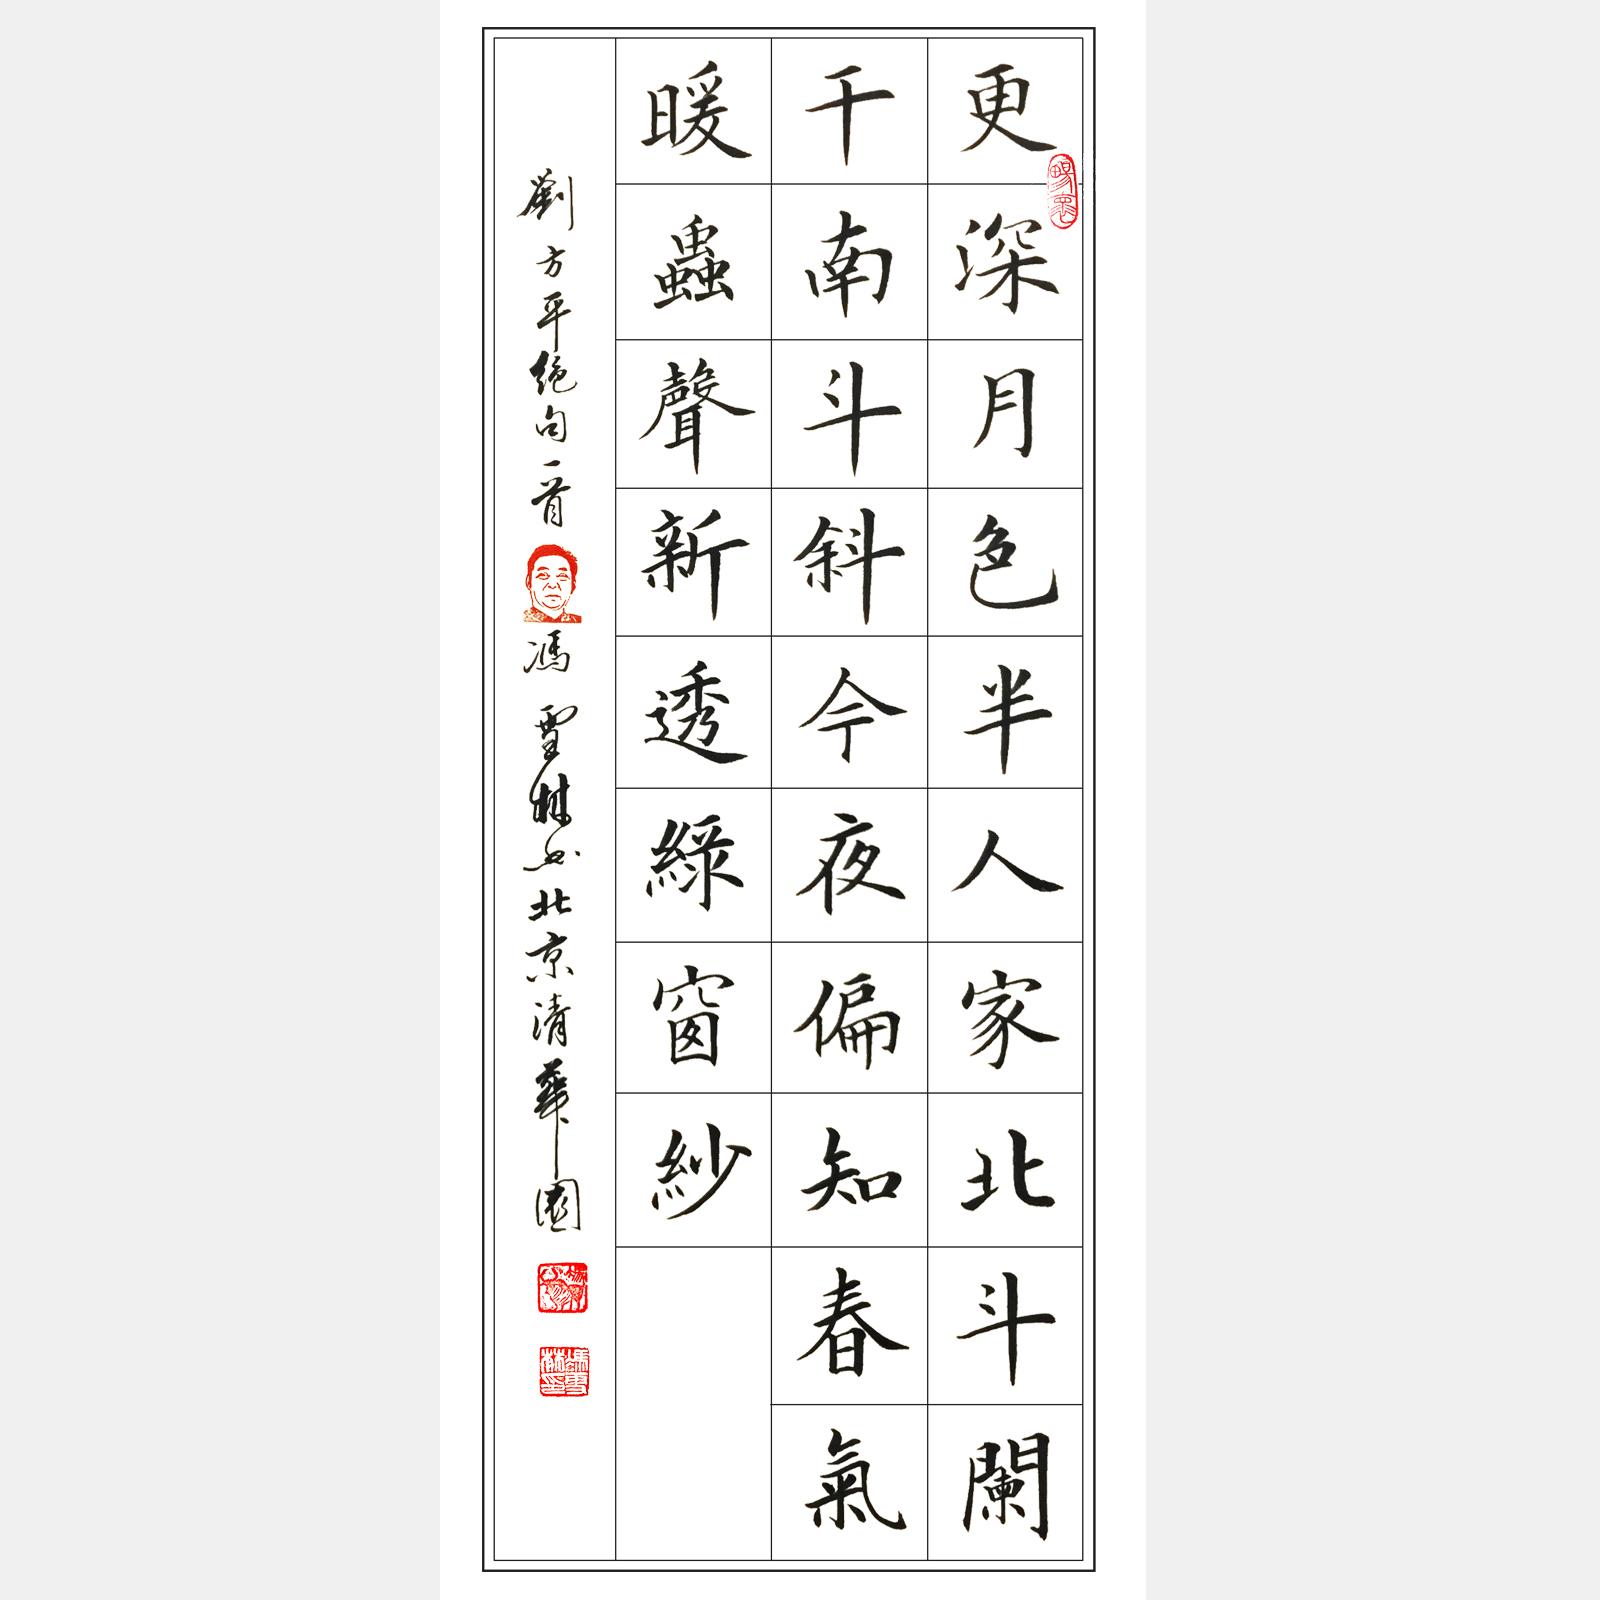 唐代诗人刘方平七言绝句《月夜》书法作品 楷书 条幅